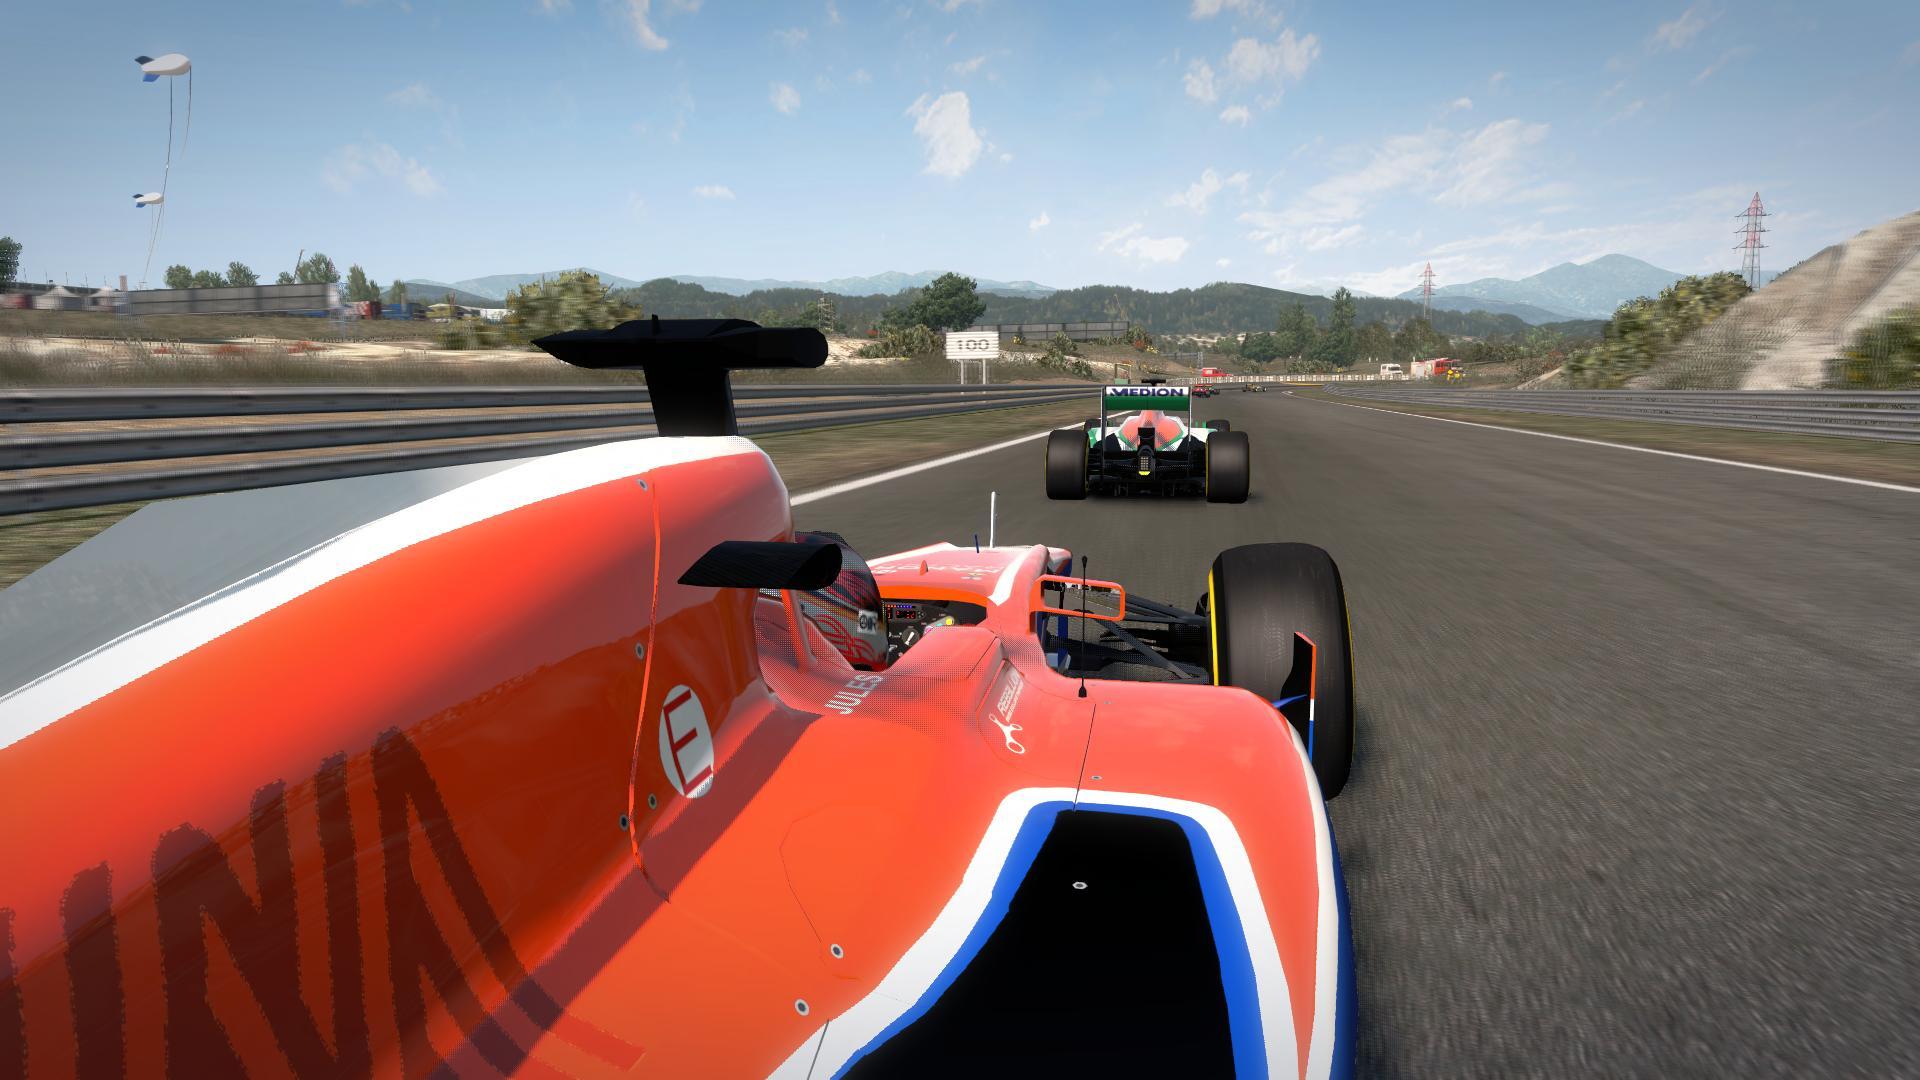 F1_2013 2016-08-11 15-45-54-80.jpg